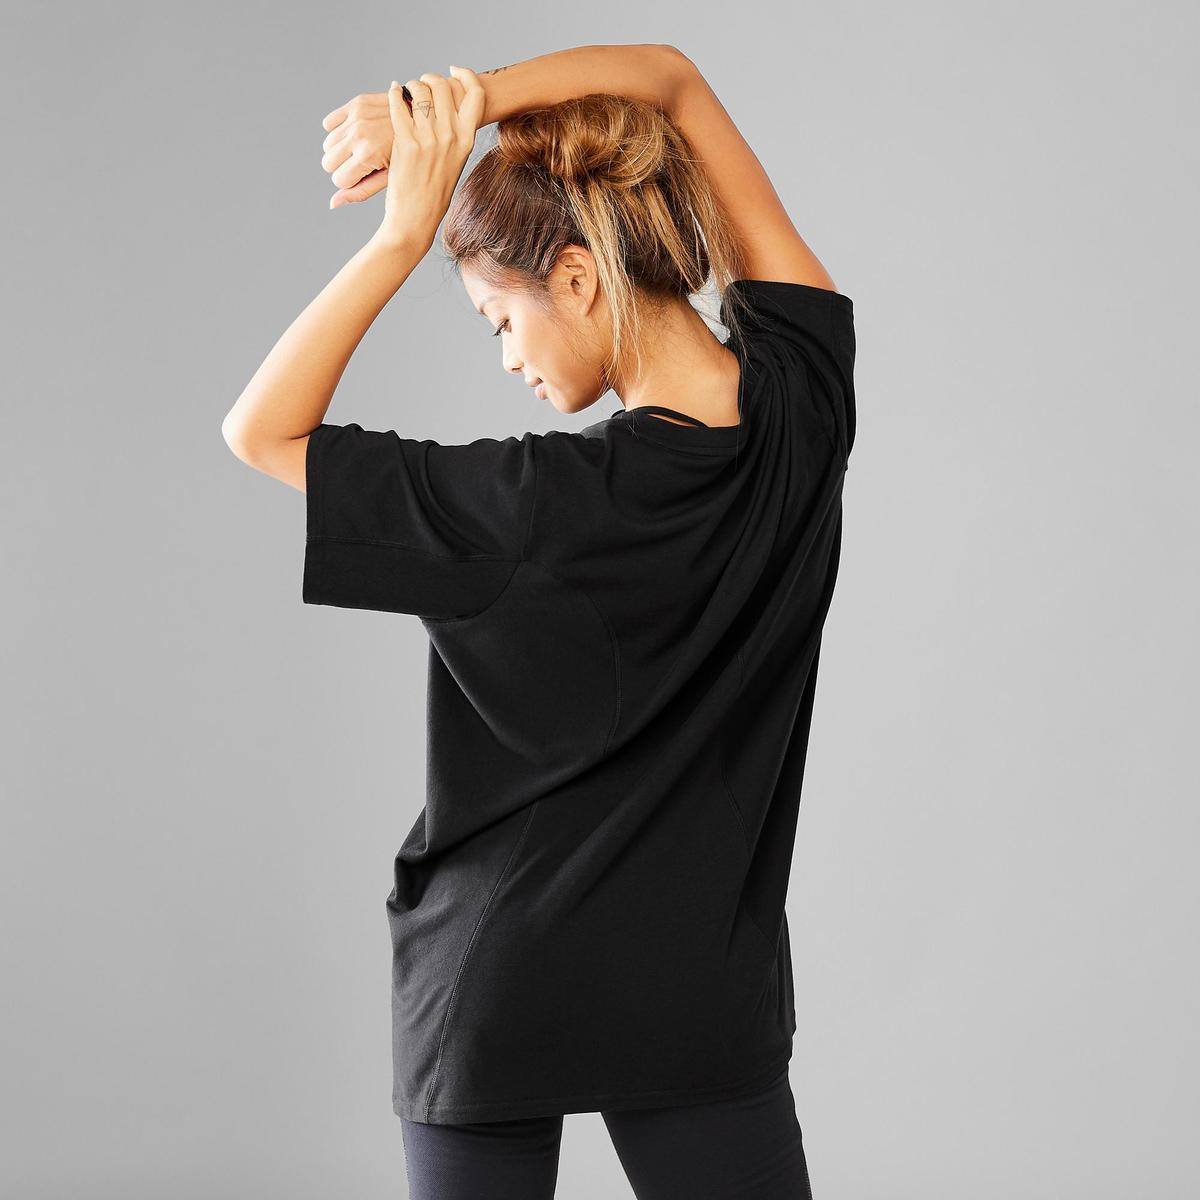 Bild 4 von T-Shirt weit Street Dance Boyfriend-Look Damen